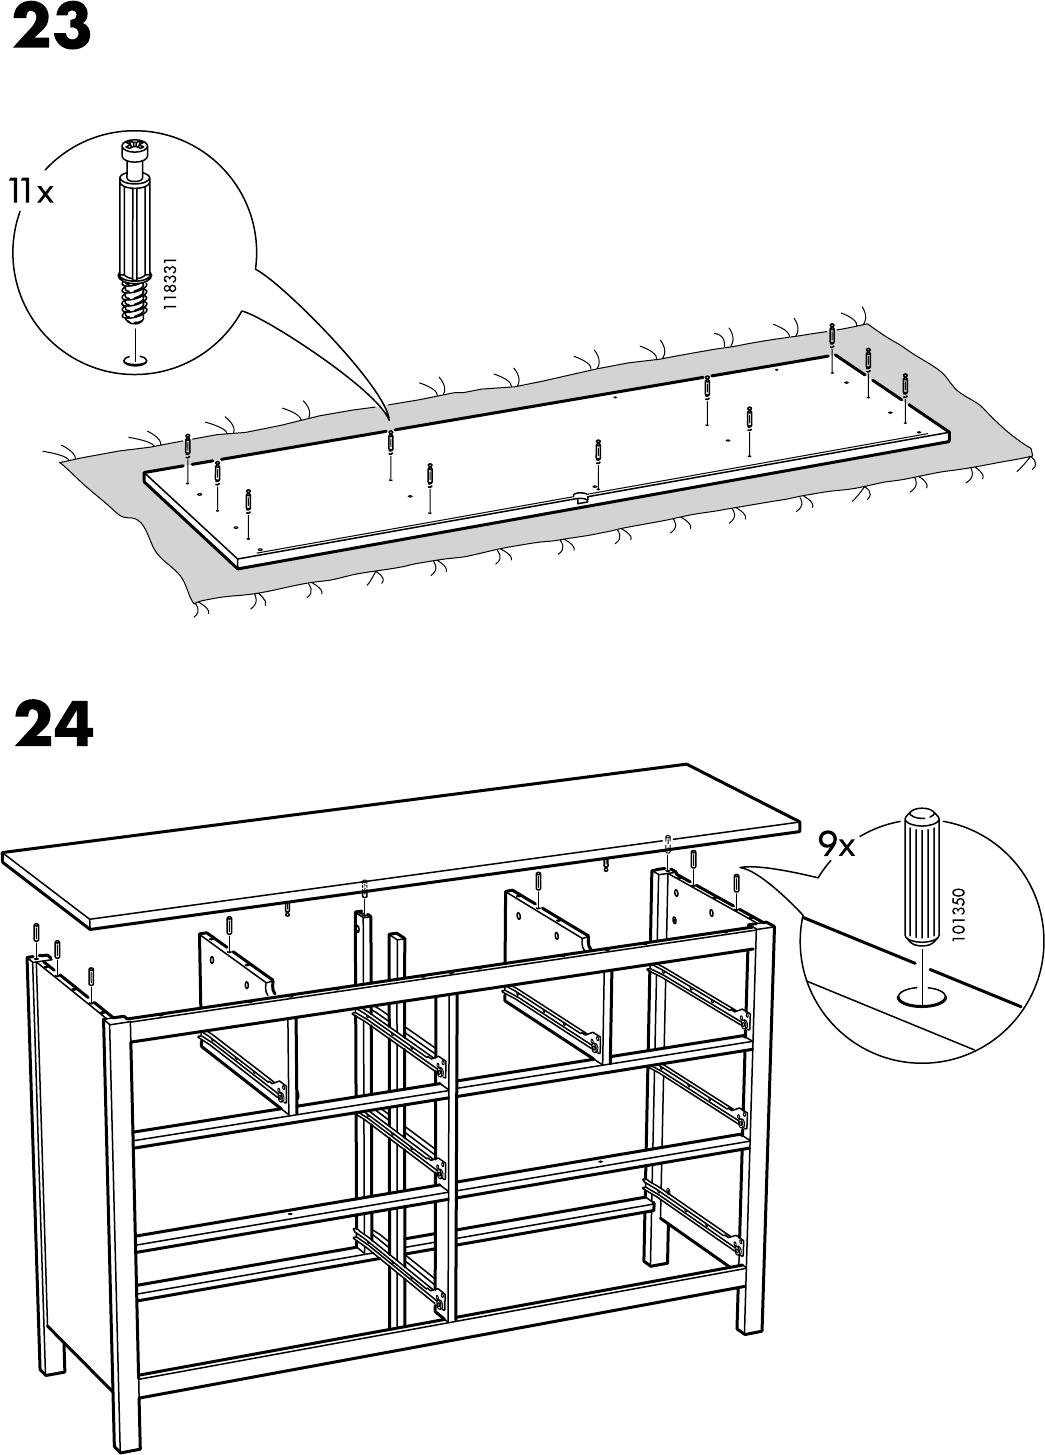 Hemnes Ladekast 8.Handleiding Ikea Hemnes Ladekast 8 Lades Pagina 22 Van 32 Dansk